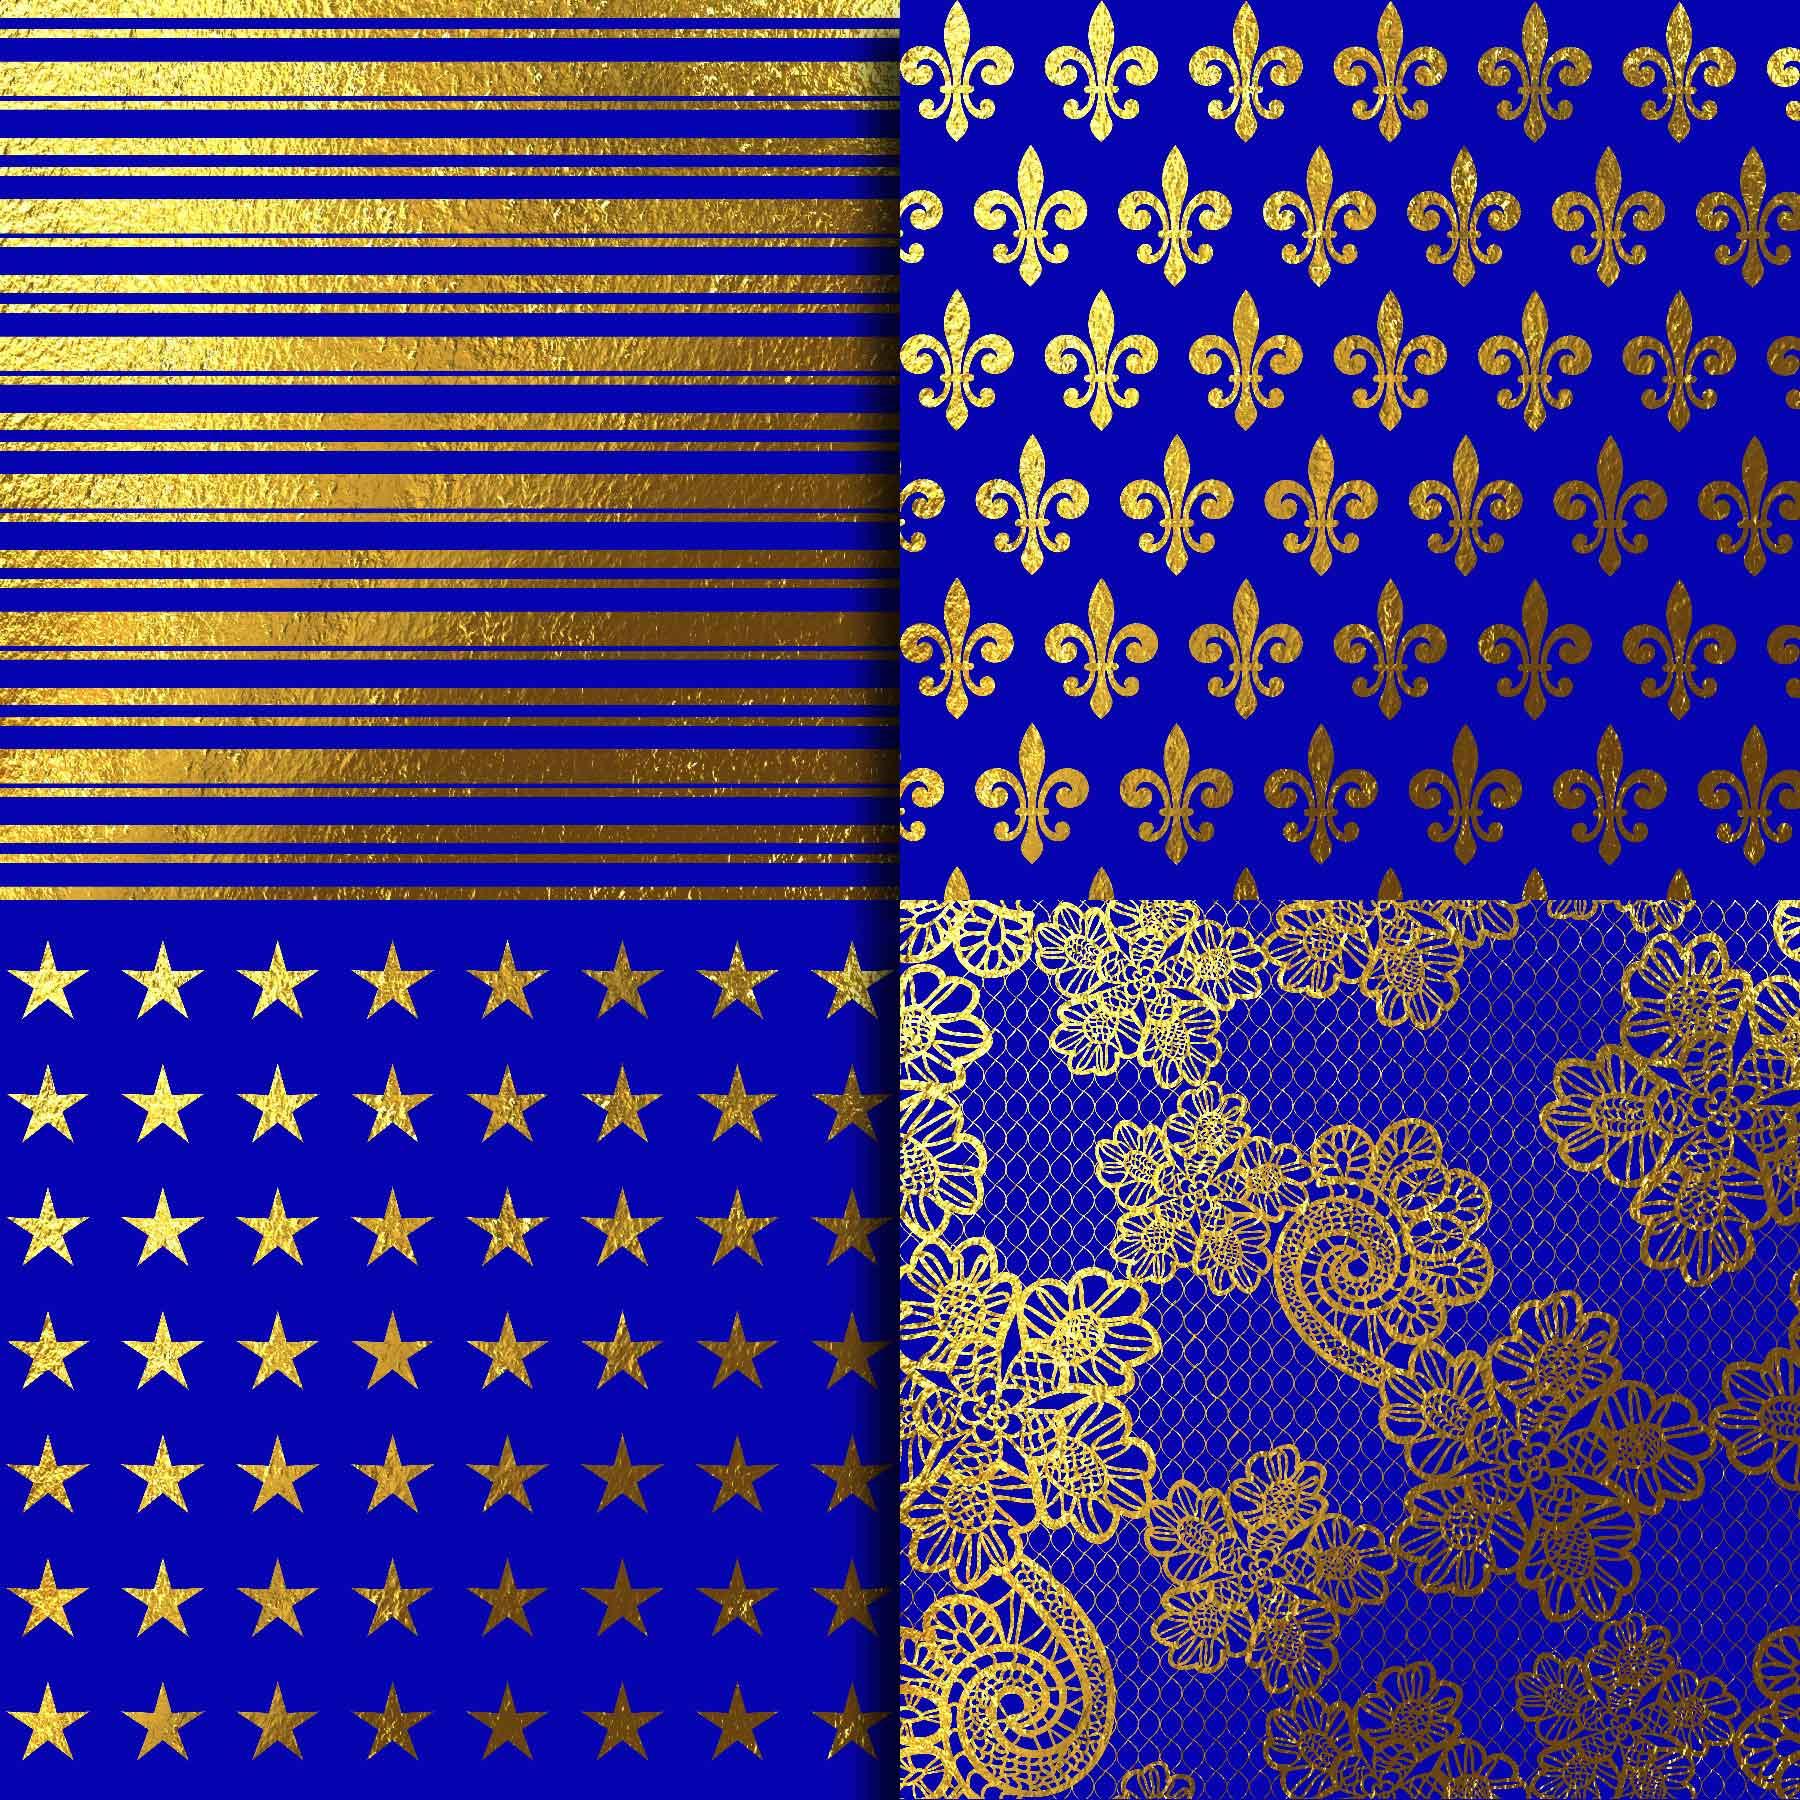 Royal Blue & Gold Foil Digital Paper example image 3